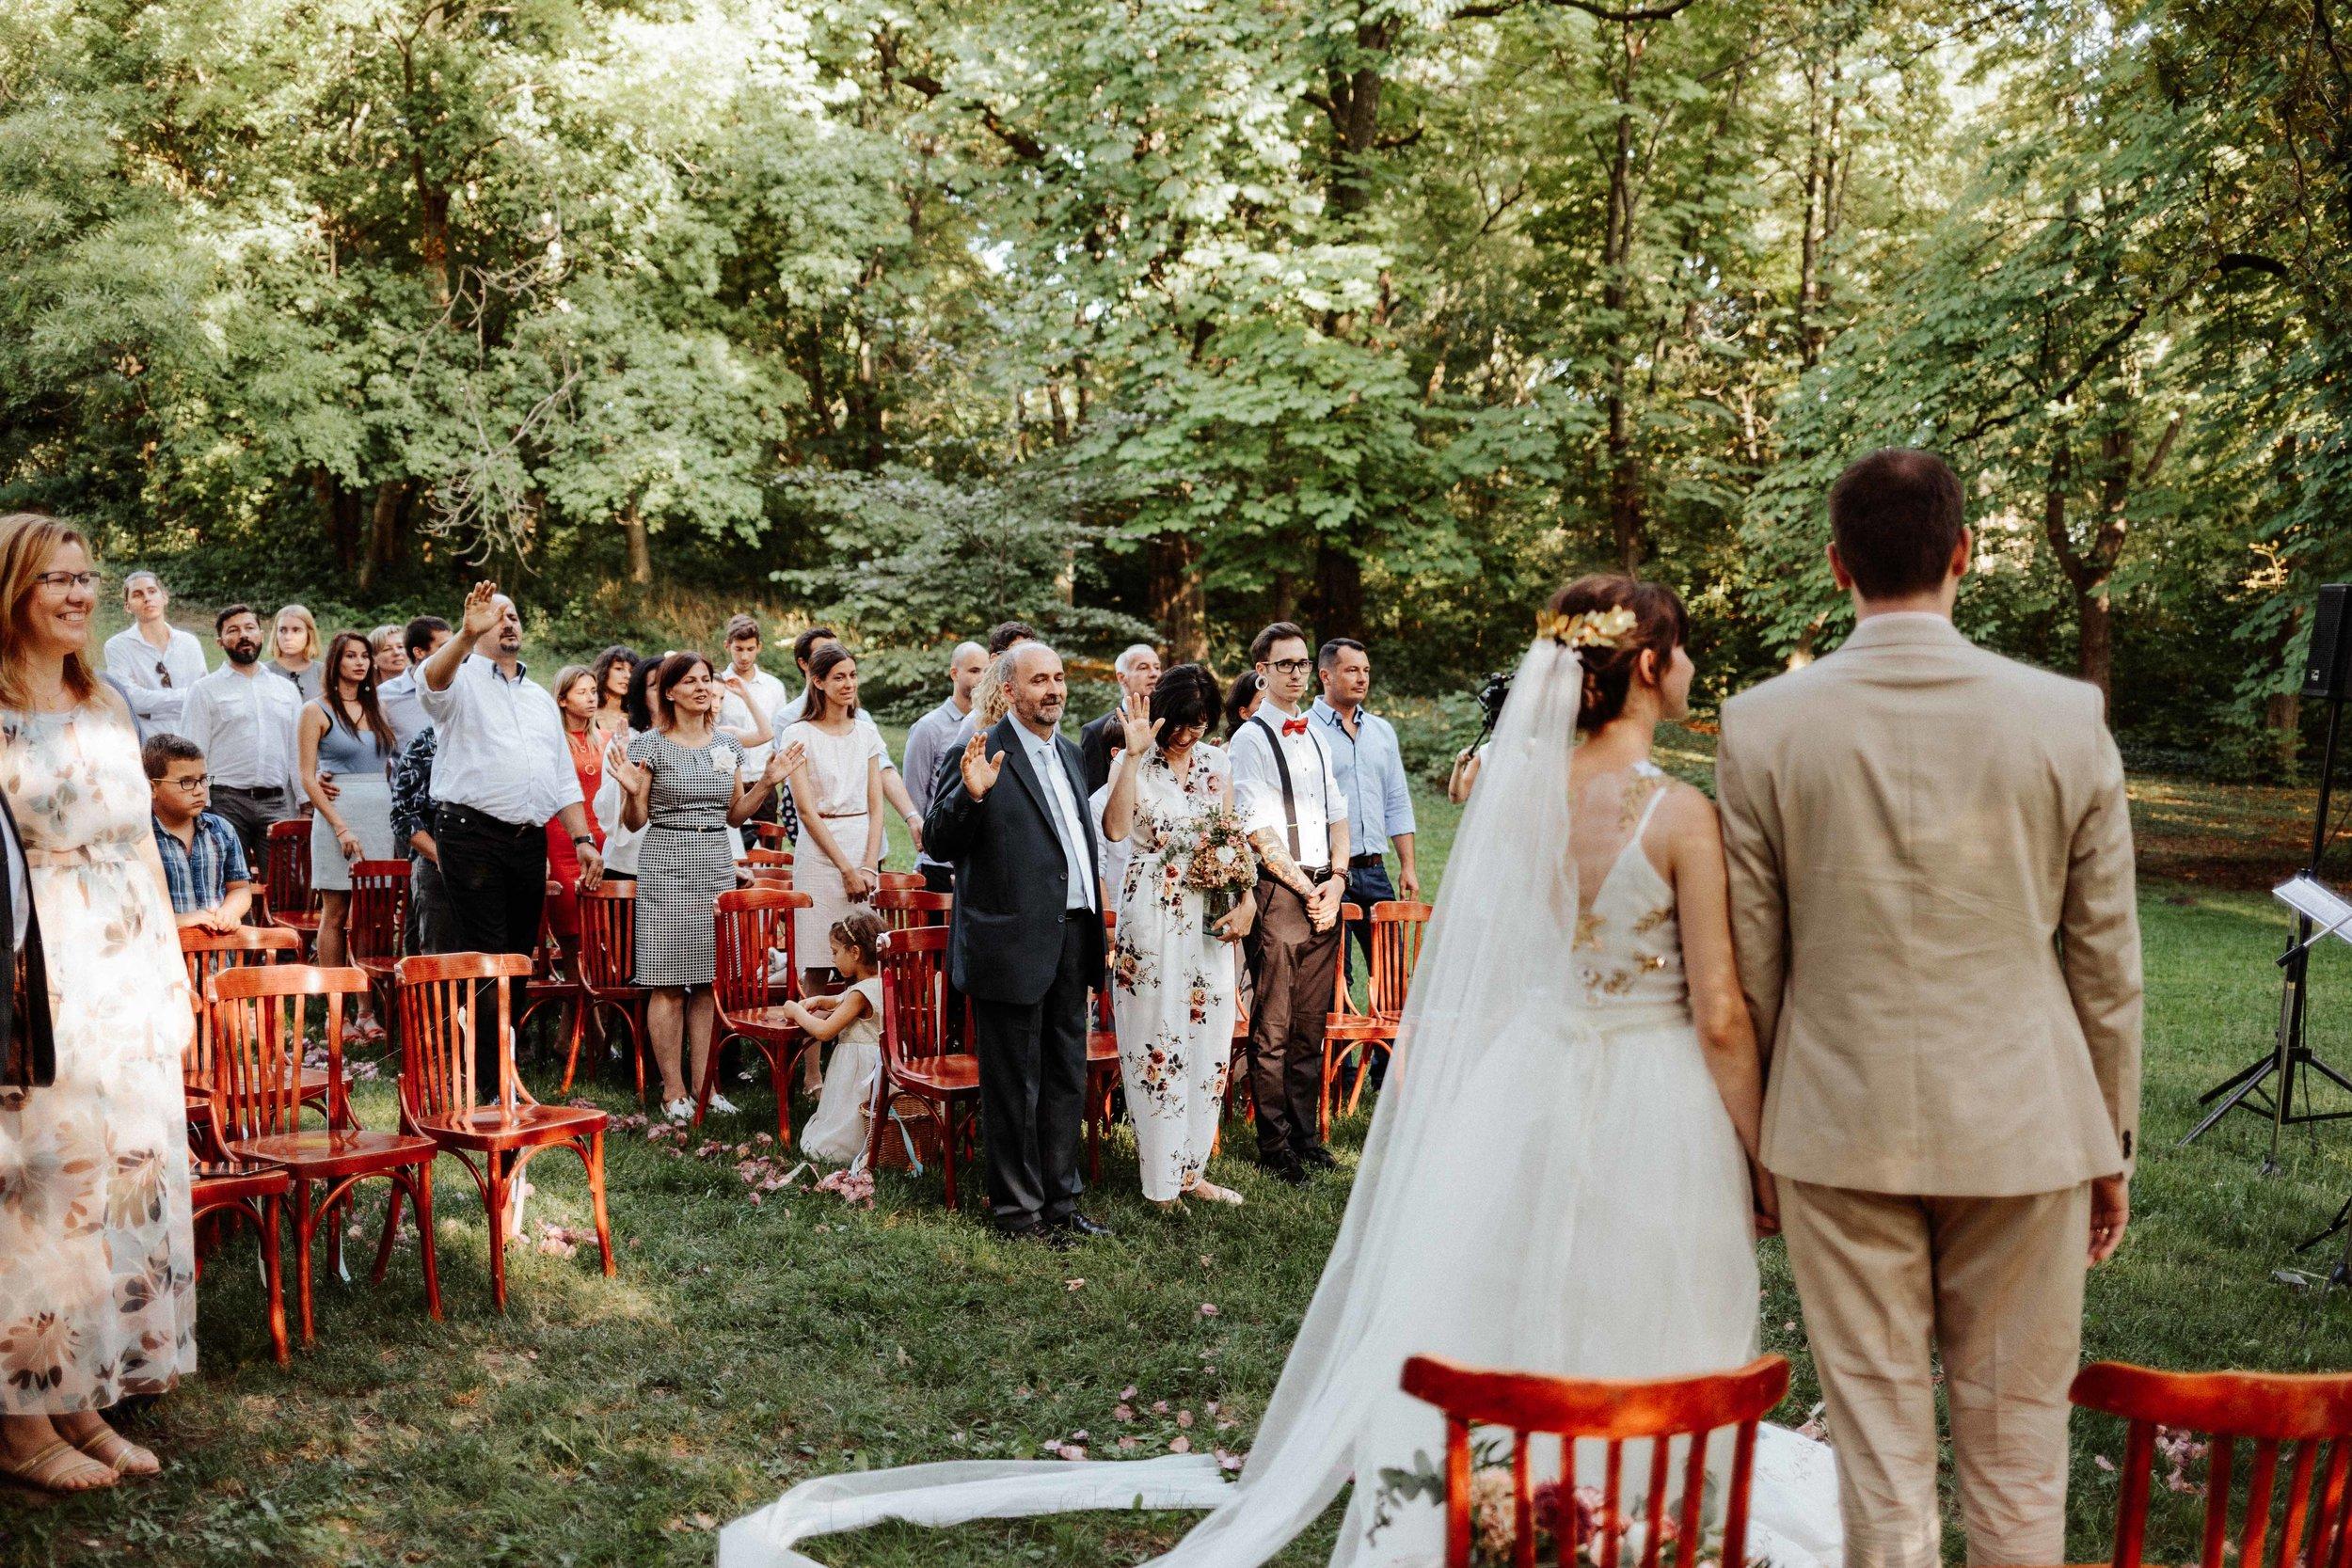 20170826_Rebi+Dani_wedding_w_291__MG_3920.jpg